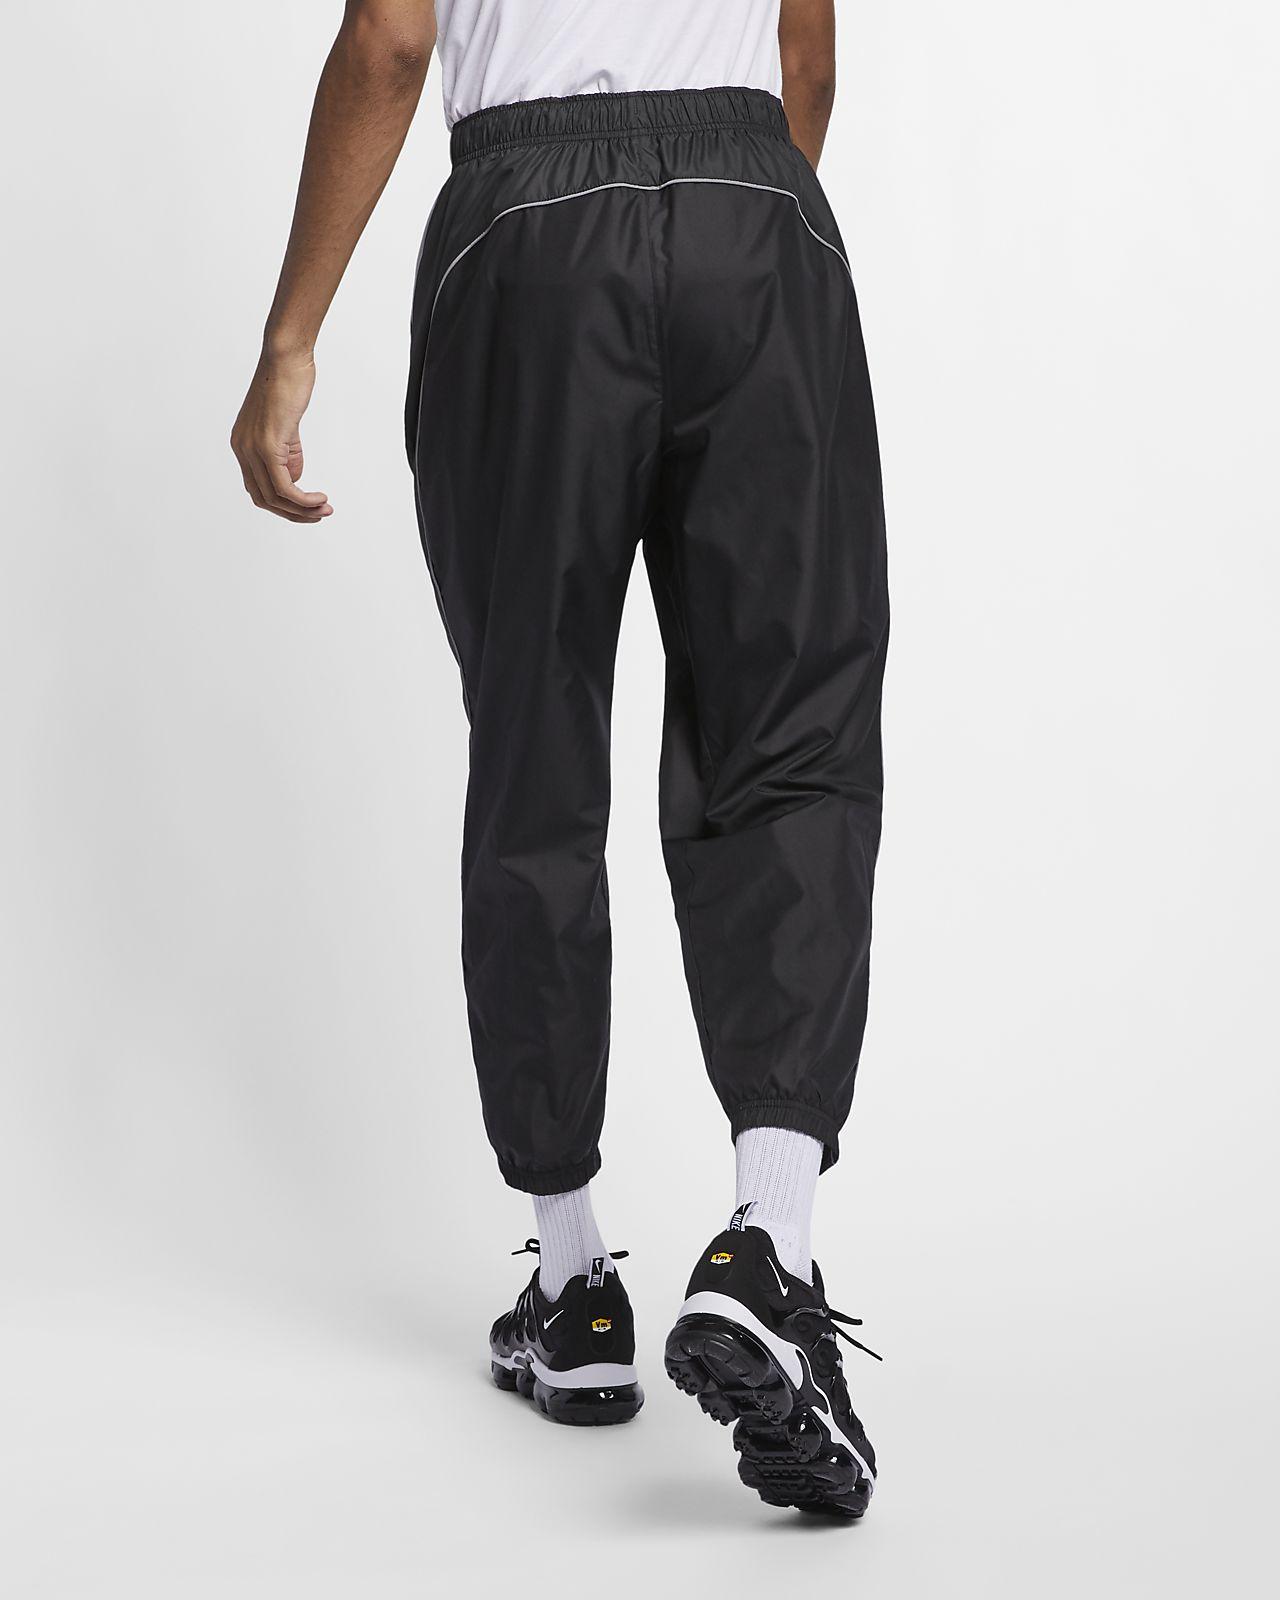 Pantalon de survêtement NikeLab Collection Tn pour Homme